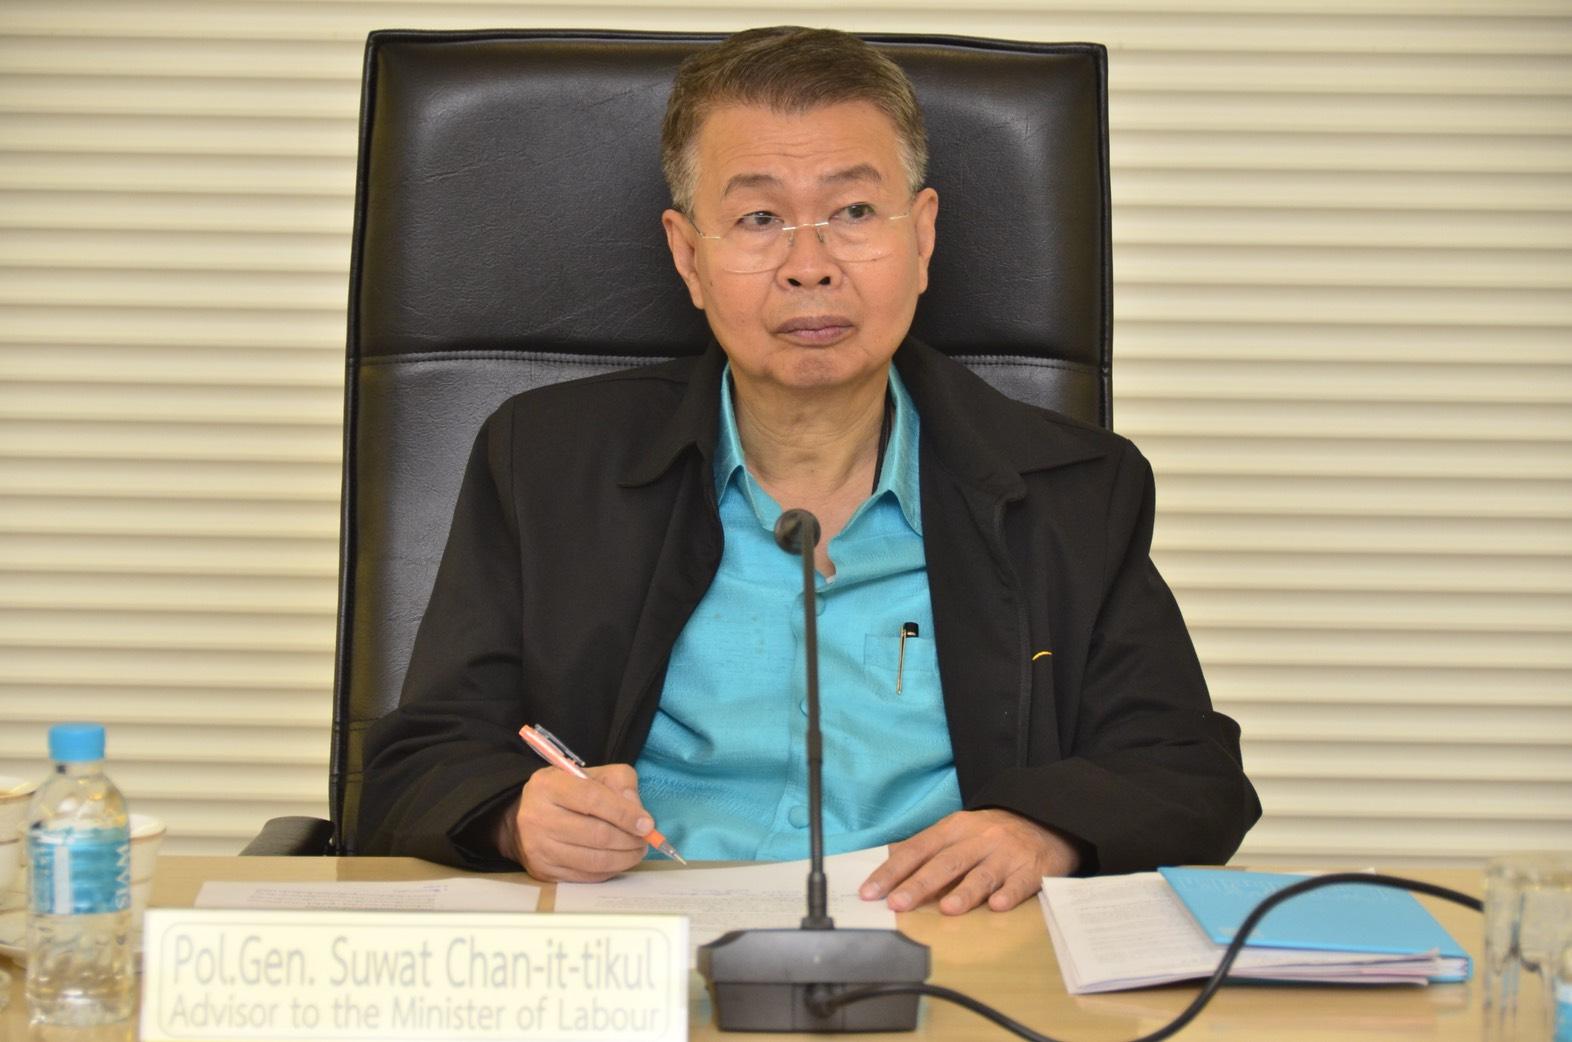 พลตำรวจเอก สุวัฒน์ จันทร์อิทธิกุล ที่ปรึกษารัฐมนตรีว่าการกระทรวงแรงงาน เป็นประธานการหารือเพื่อเร่งรัดการดำเนินการพิสูจน์สัญชาติแรงงานเมียนมาในประเทศไทย